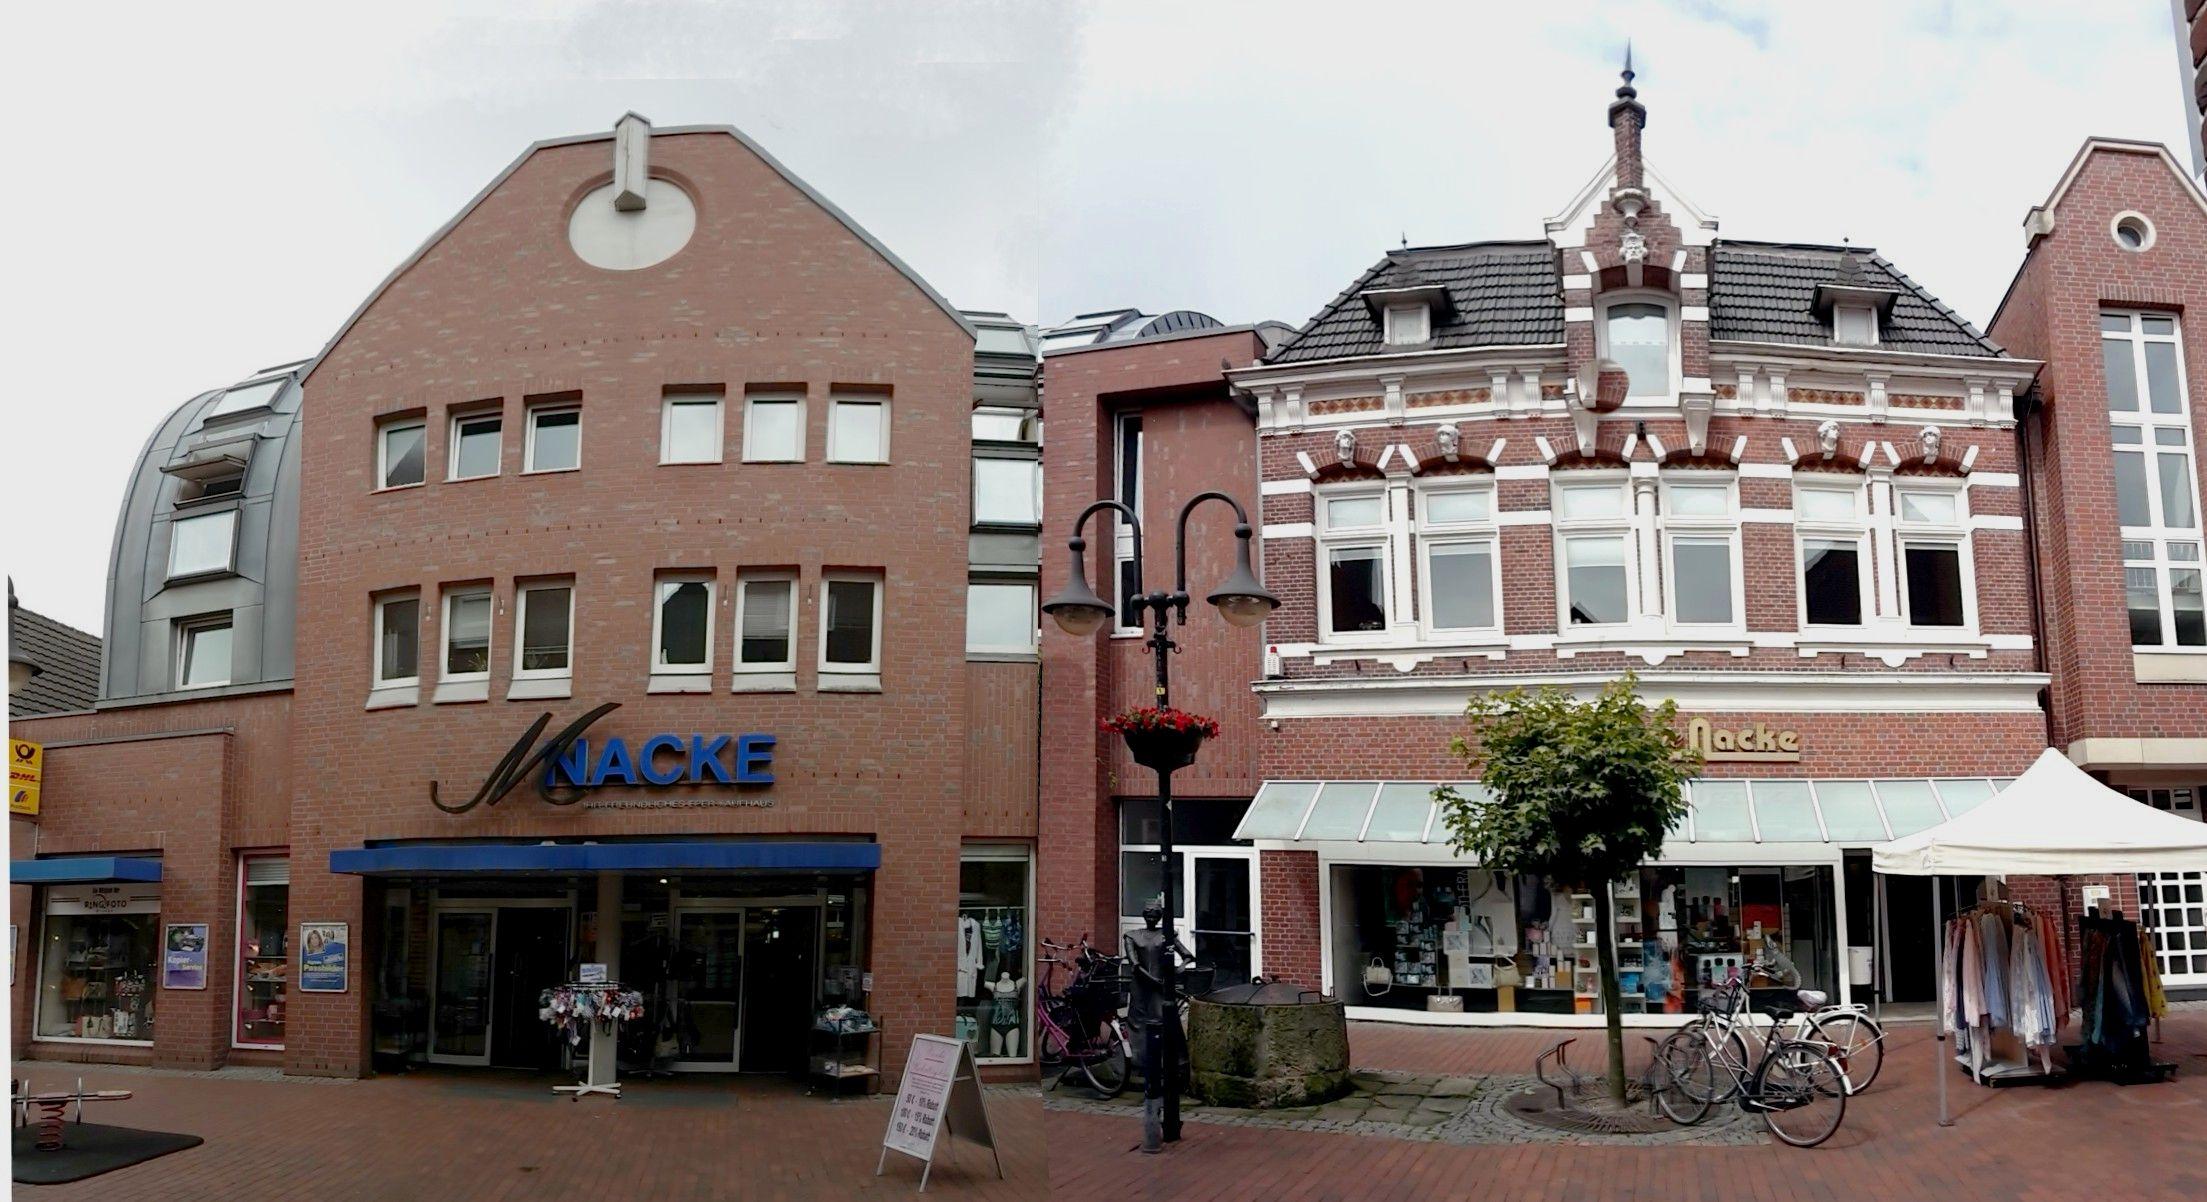 M.Nacke Kaufhaus